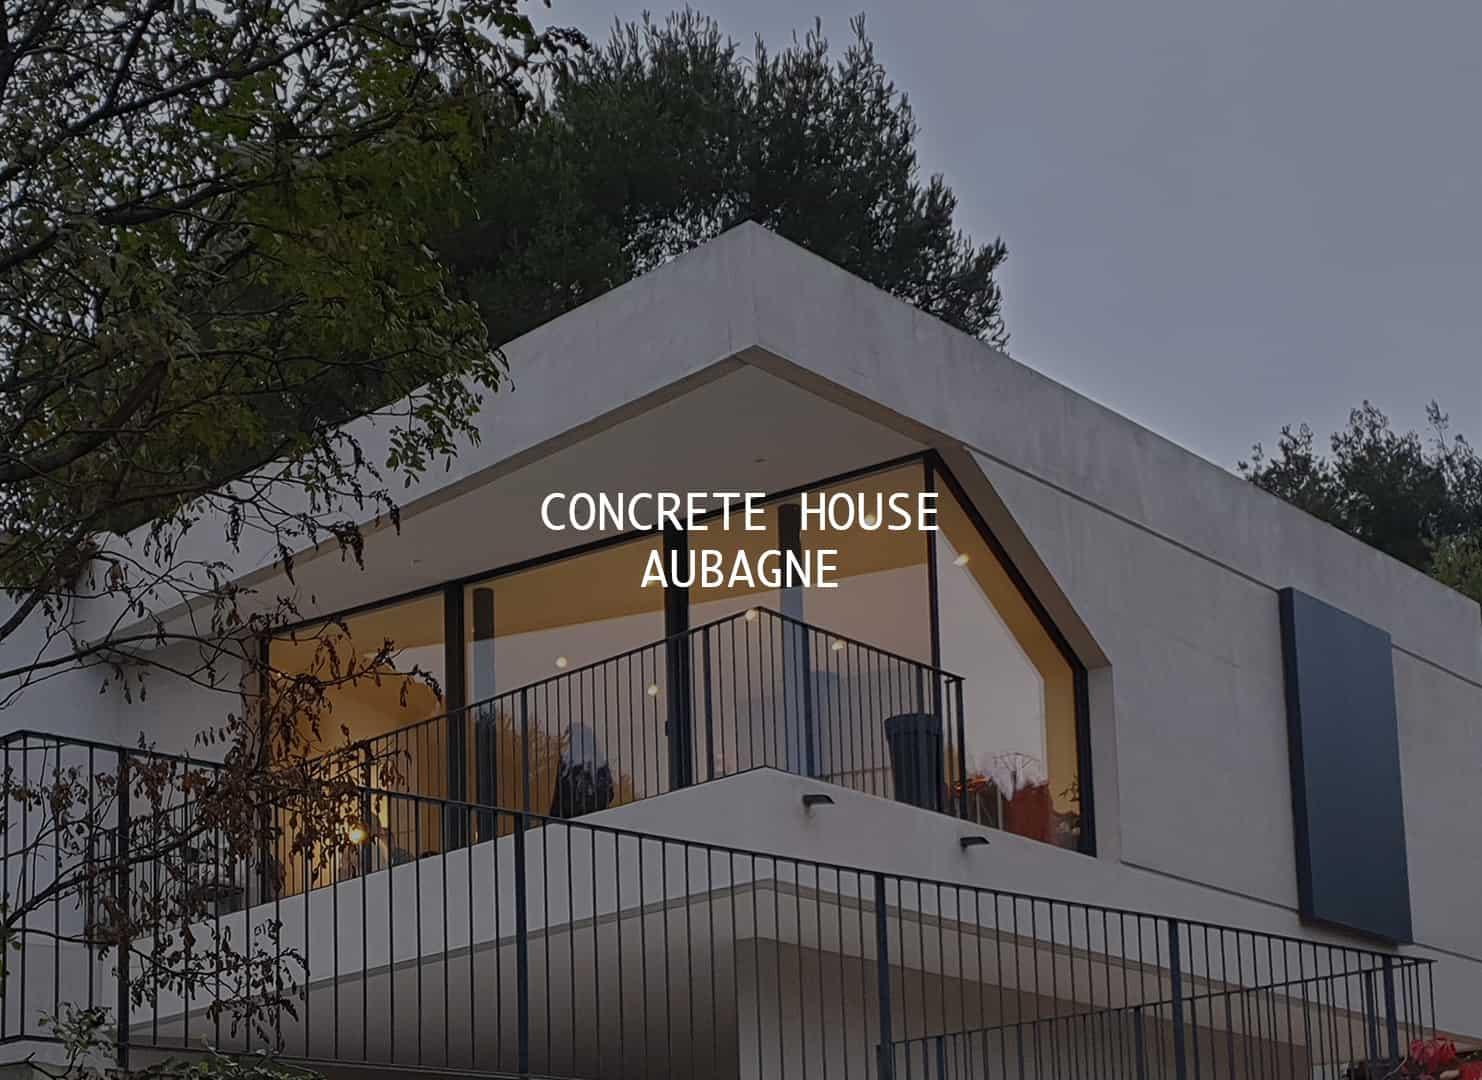 CONCRETE-HOUSE-----AUBAGNE